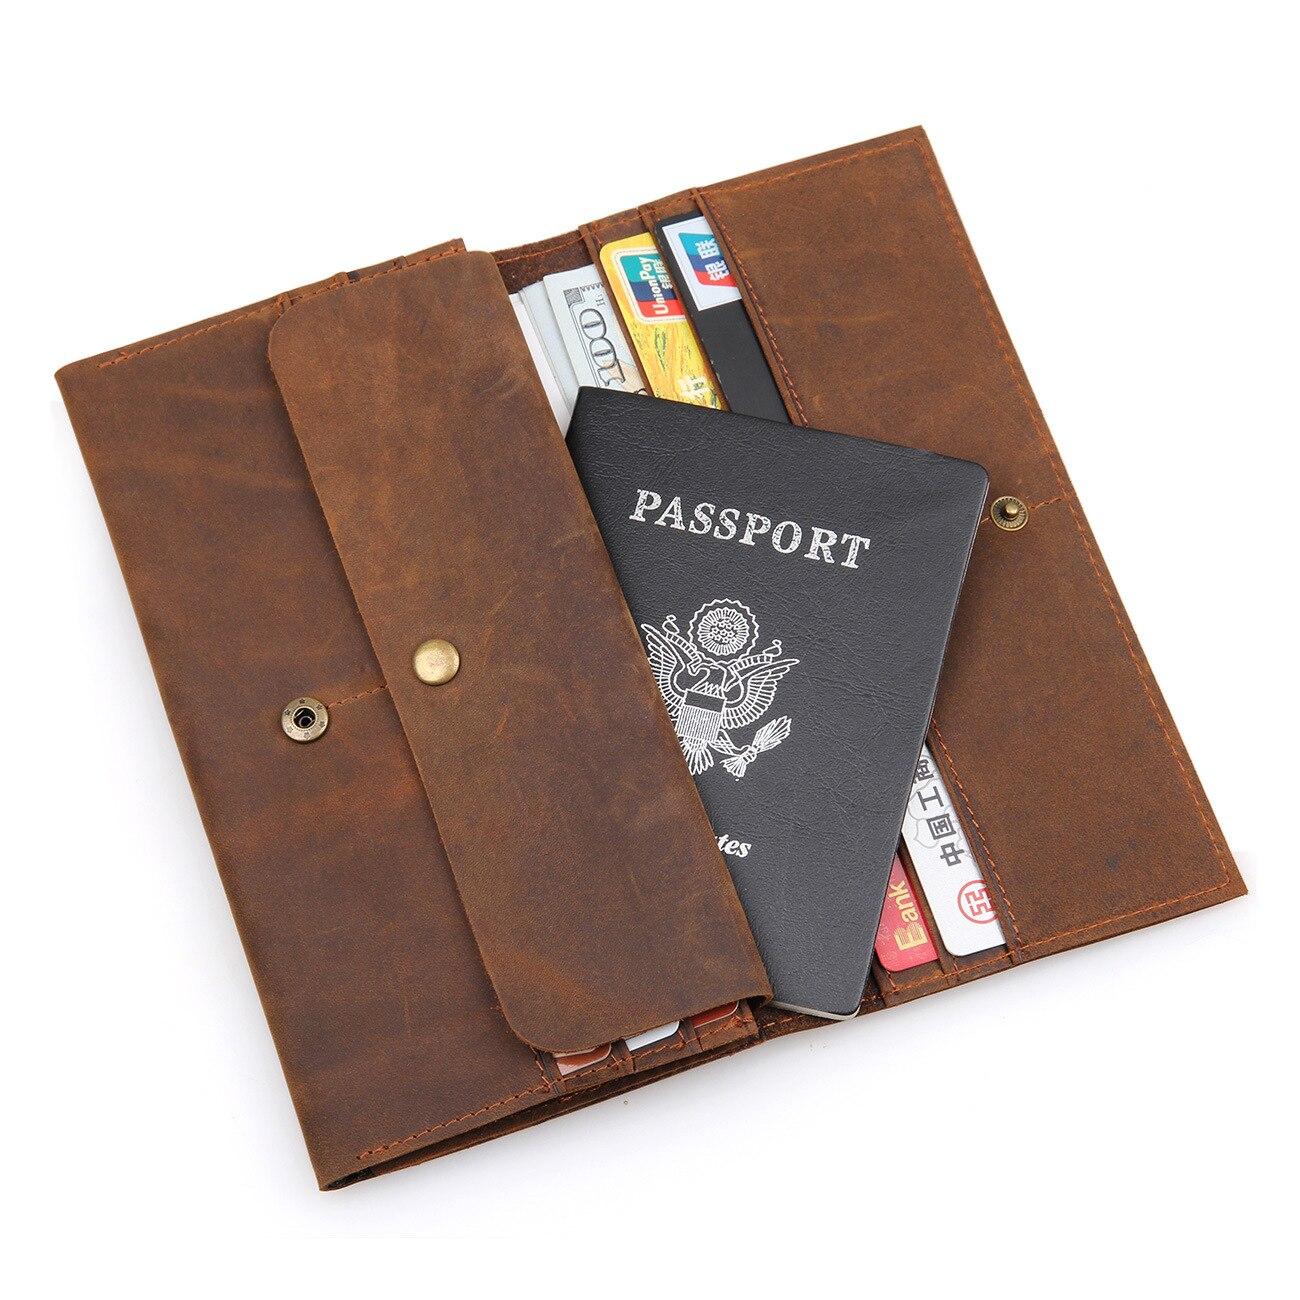 Passport Wallet Crazy Horse Haut Leder Reise Brieftasche Reisepass Abdeckung Hält Kreditkarten ID Lange Brieftasche